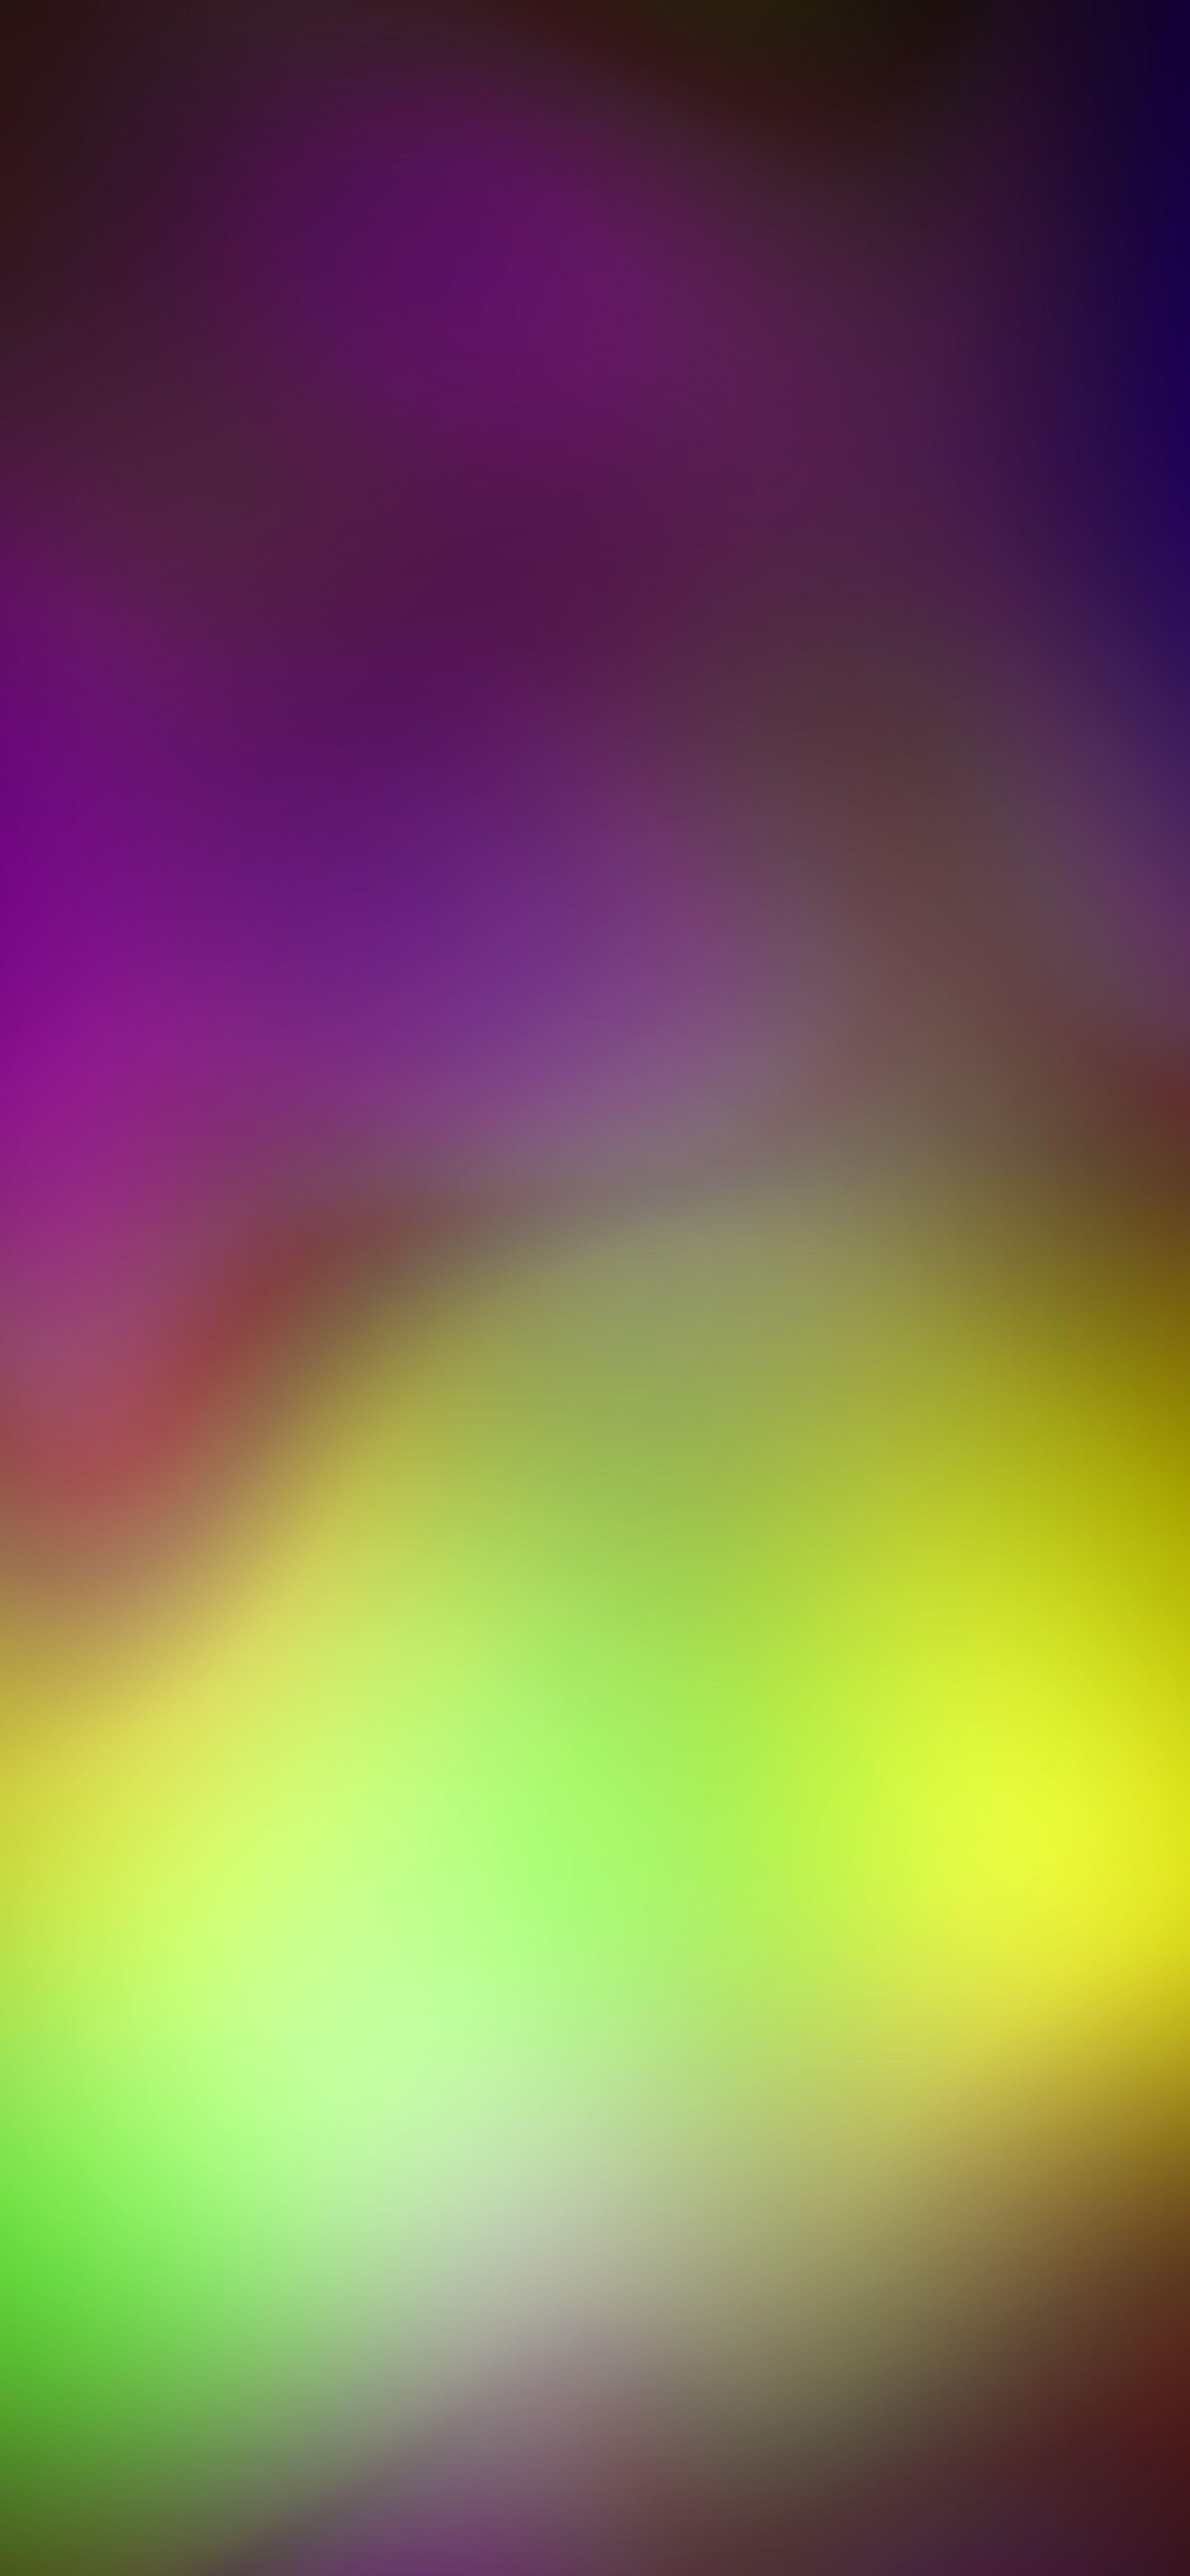 Iphone X Hd Wallpapers For Desktop Download Free - Iphone X Wallpaper Free Download , HD Wallpaper & Backgrounds